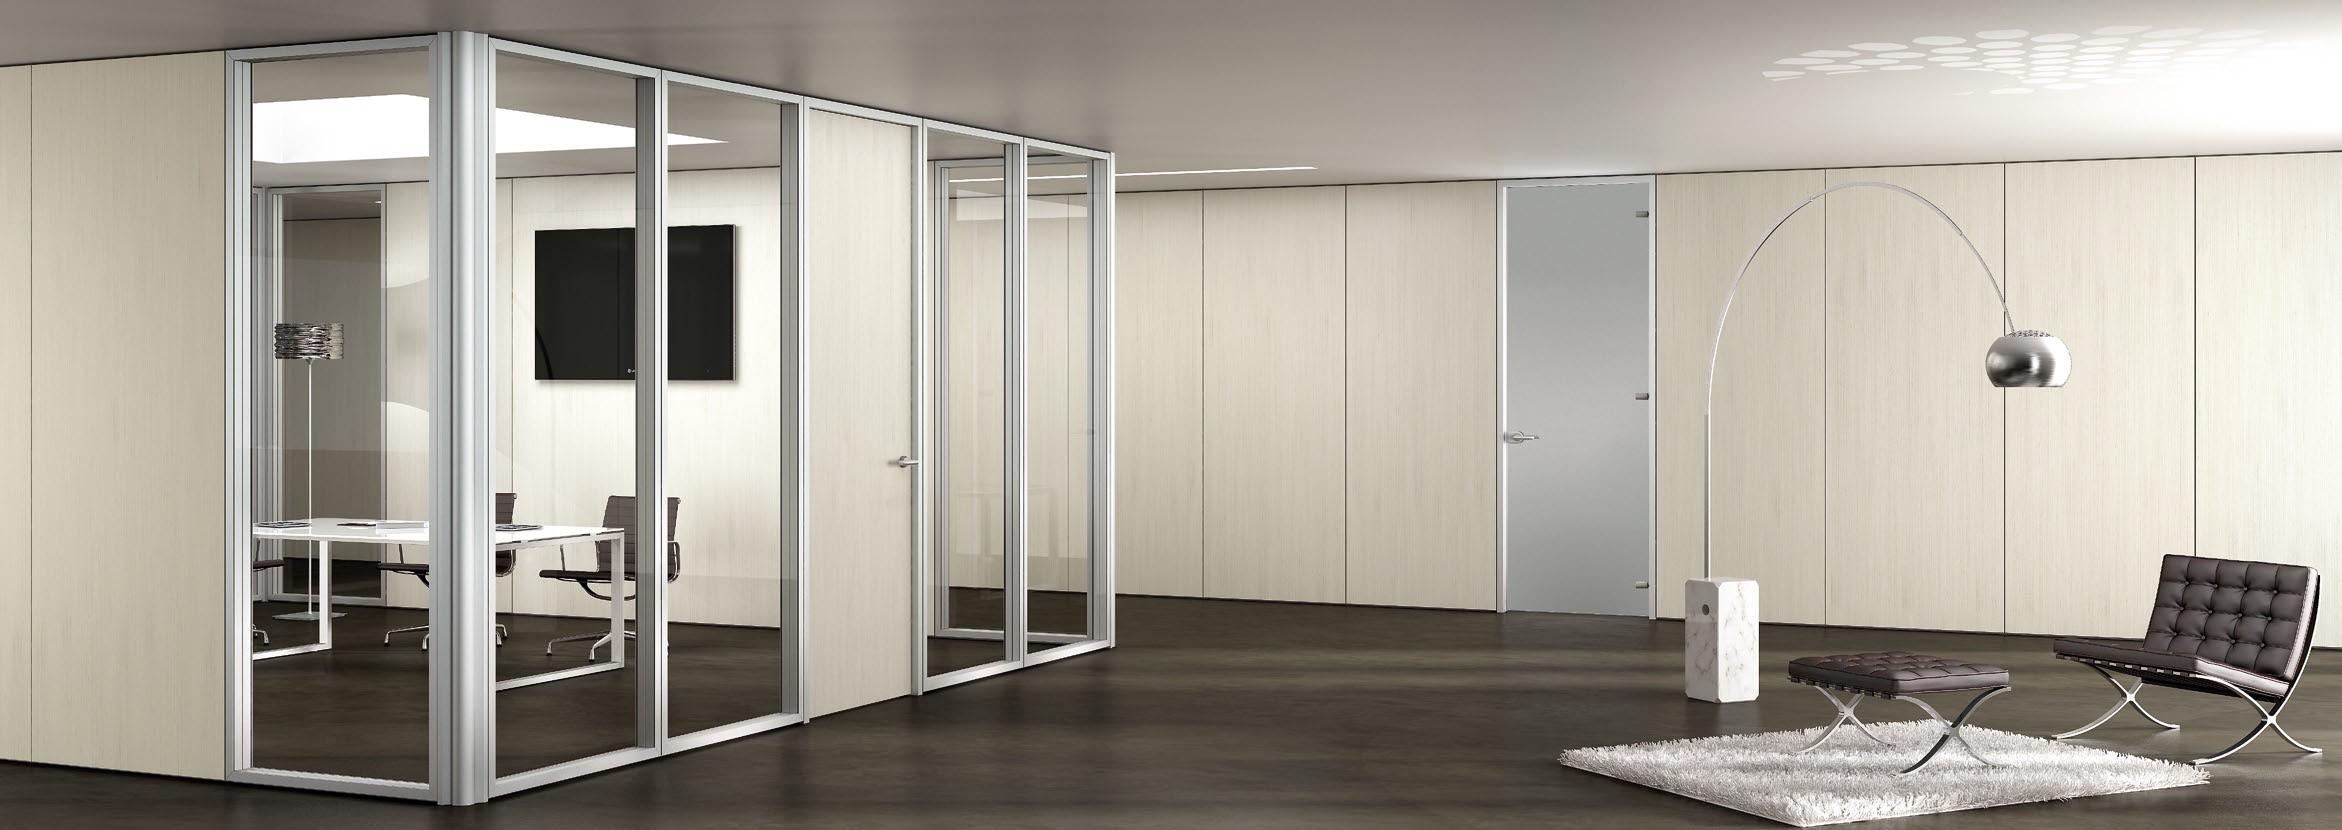 Parete divisoria in vetro e legno